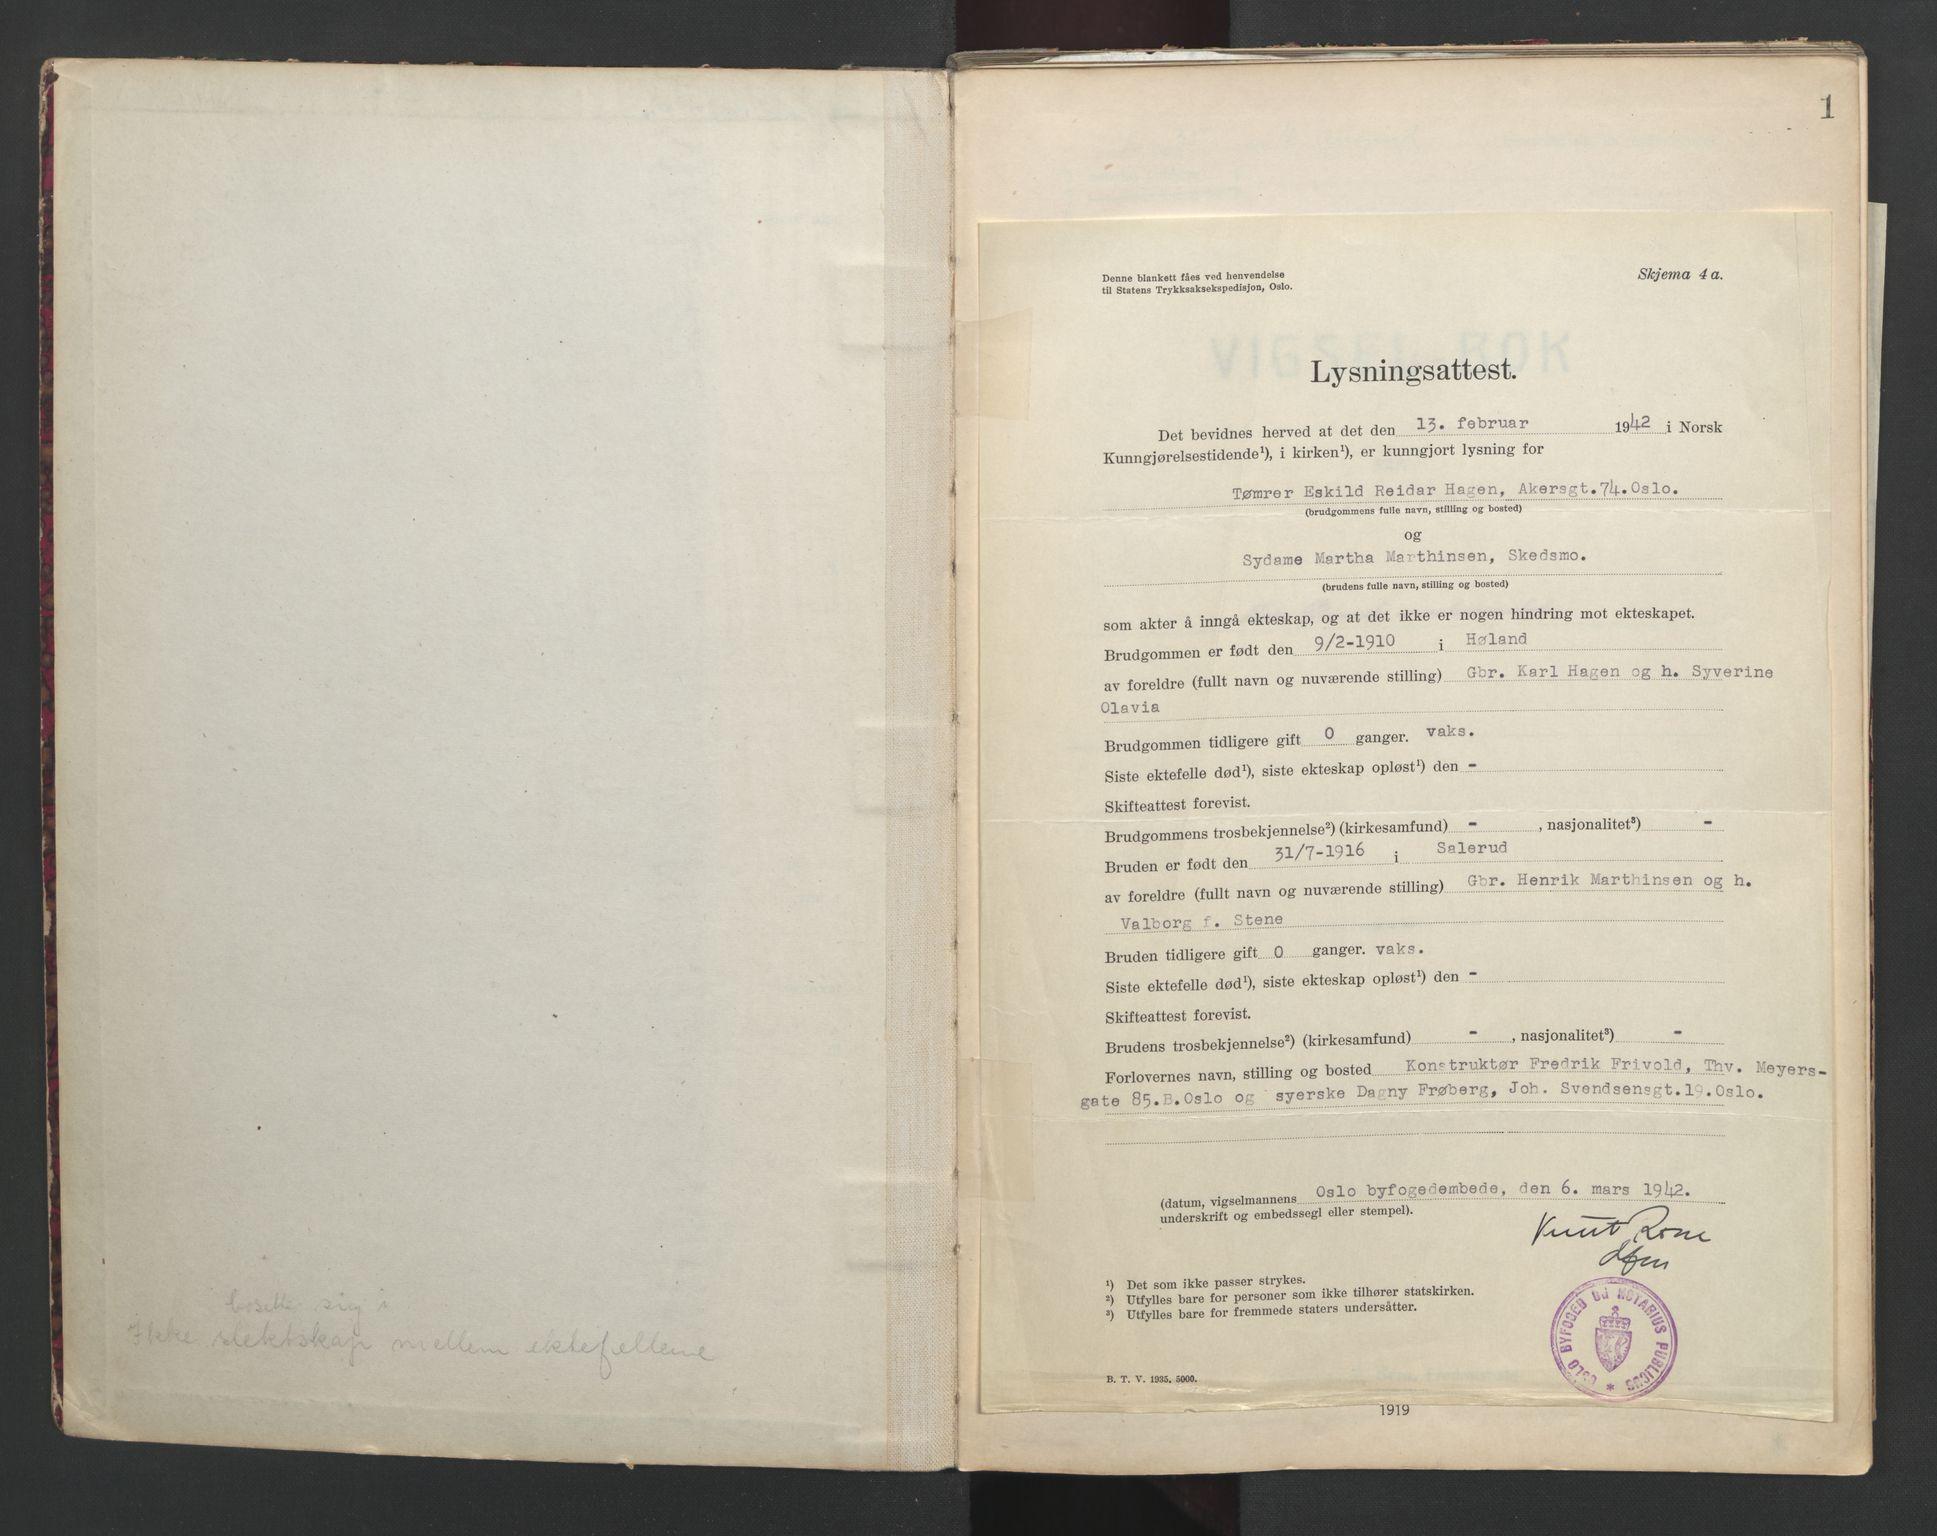 SAO, Nedre Romerike sorenskriveri, L/Lb/L0002: Vigselsbok - borgerlige vielser, 1935-1942, s. upaginert